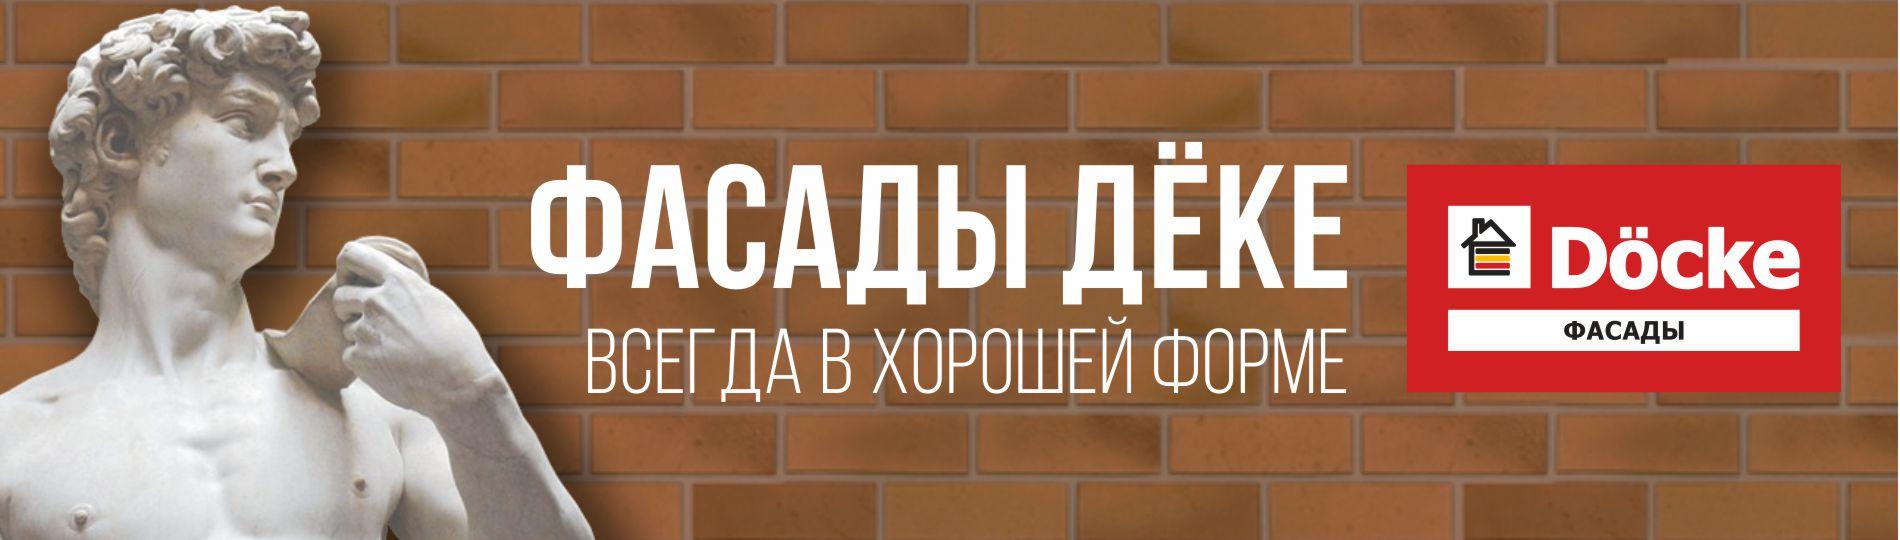 - Фасады Деке